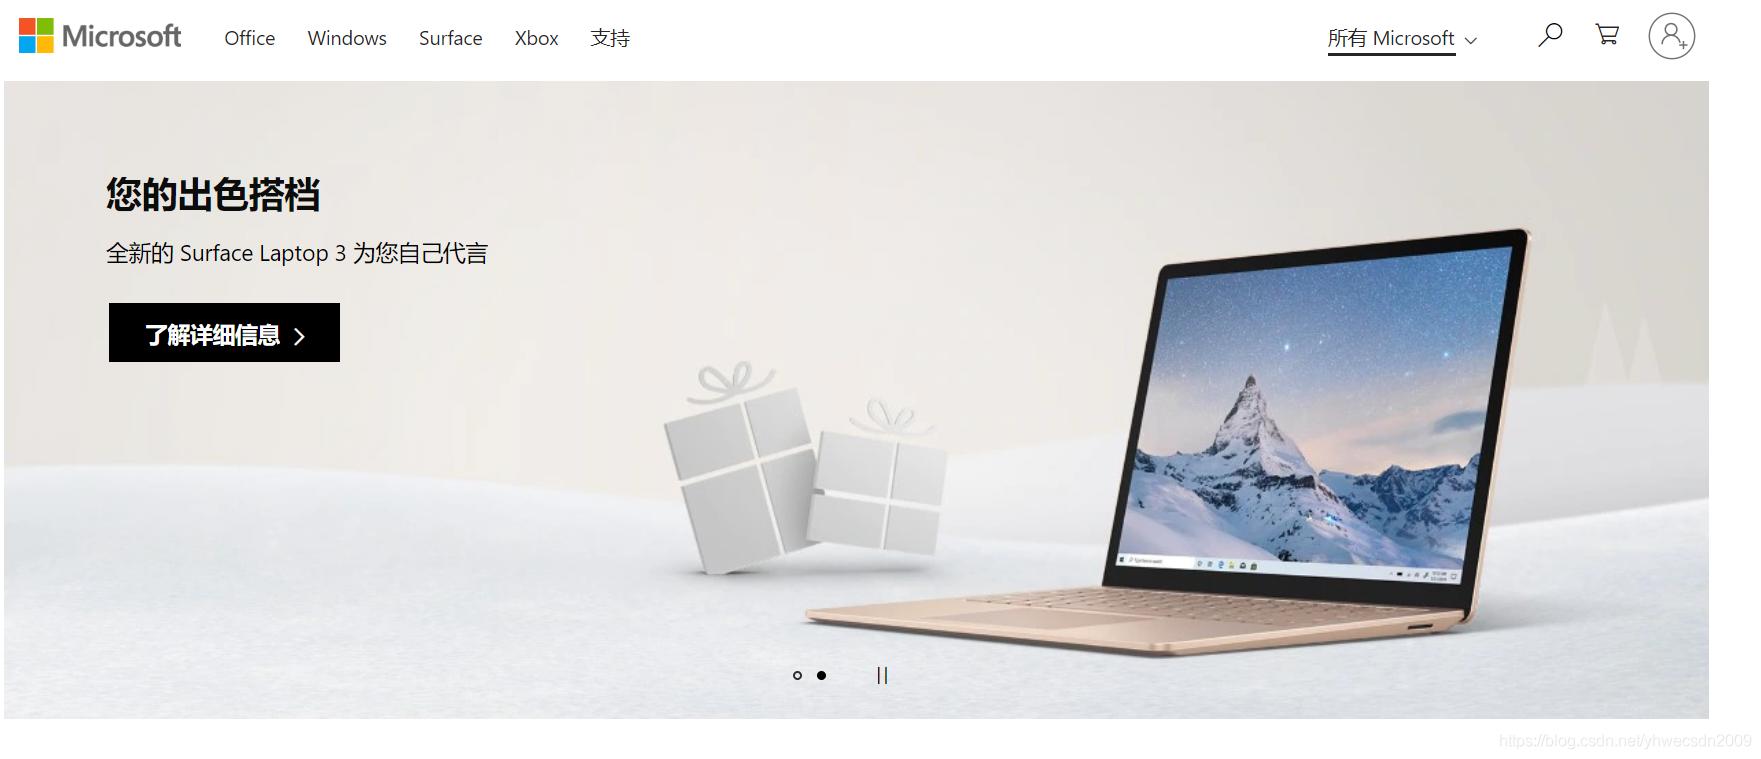 微软的主页